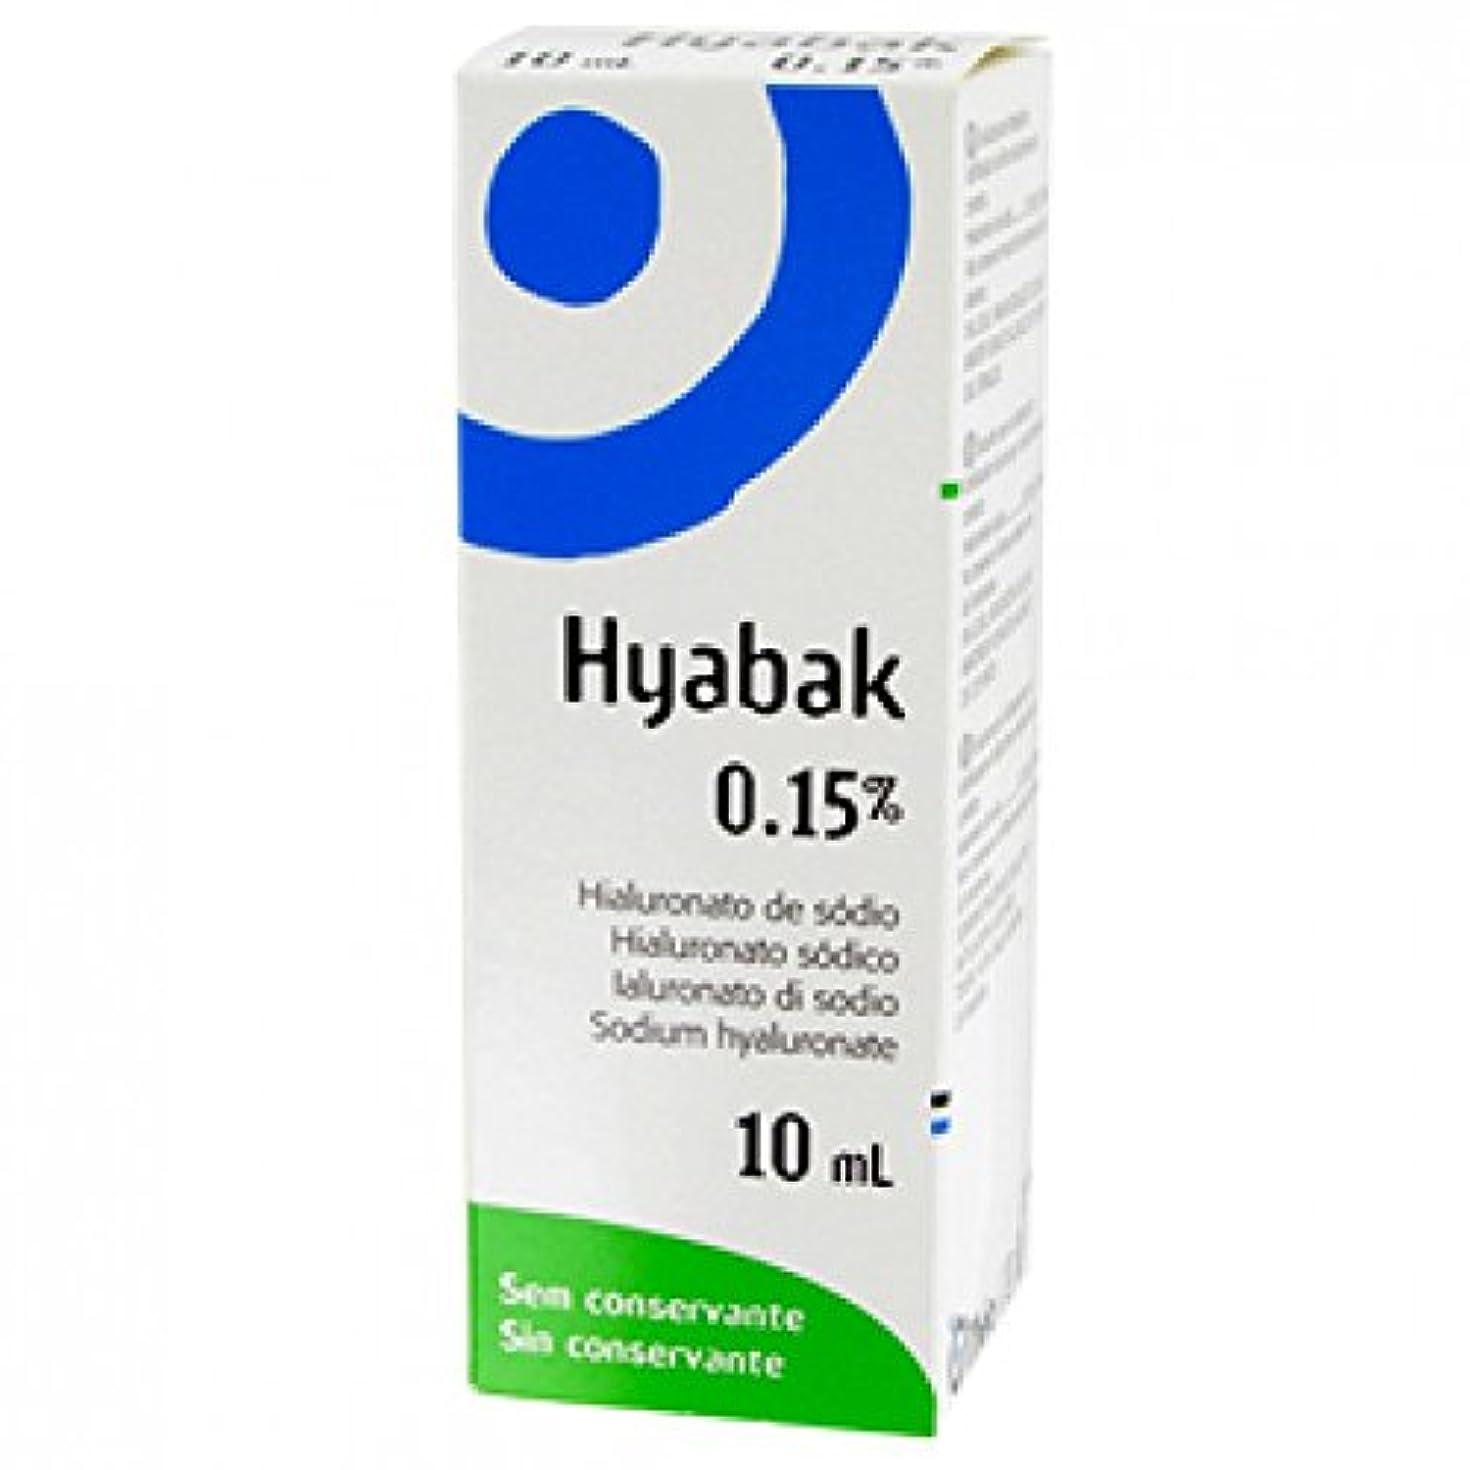 広告スラダムめまいがHyabakソリューションOftalinica 0.15%の10ミリリットル